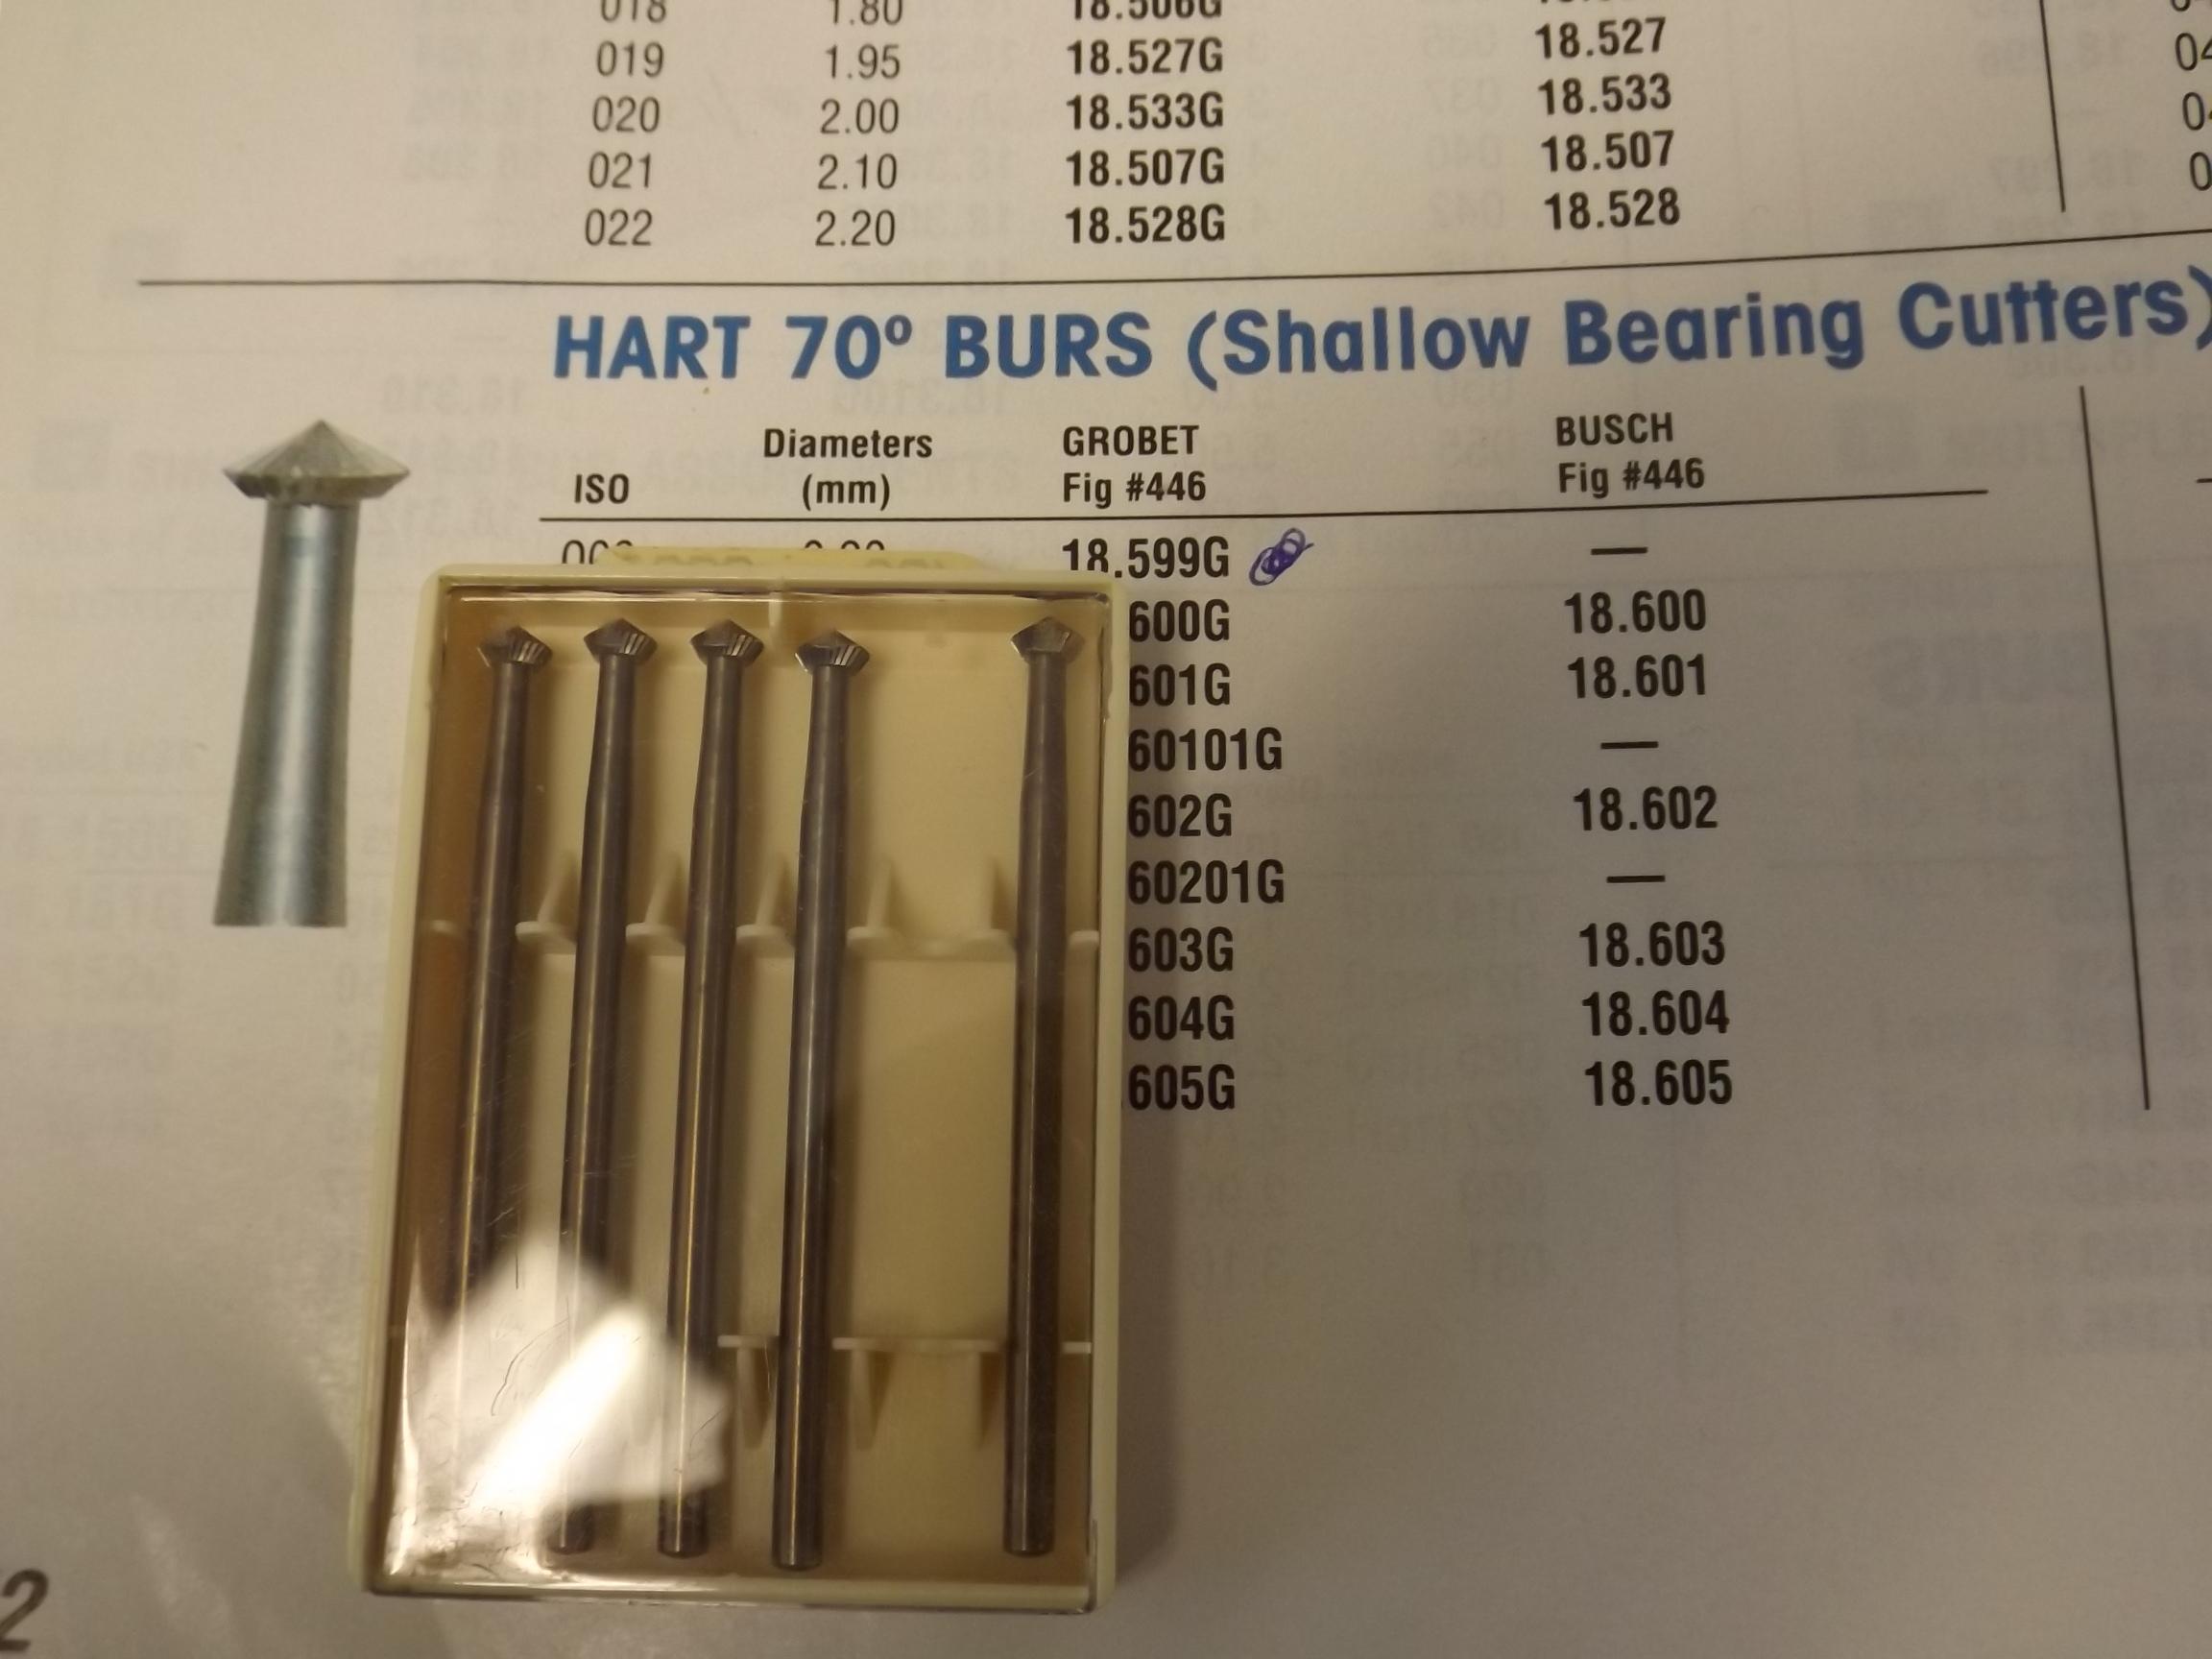 BR446/13 Grobet brand Bur, 70° Hart, Fig. 446, Size 033 - # 18.611